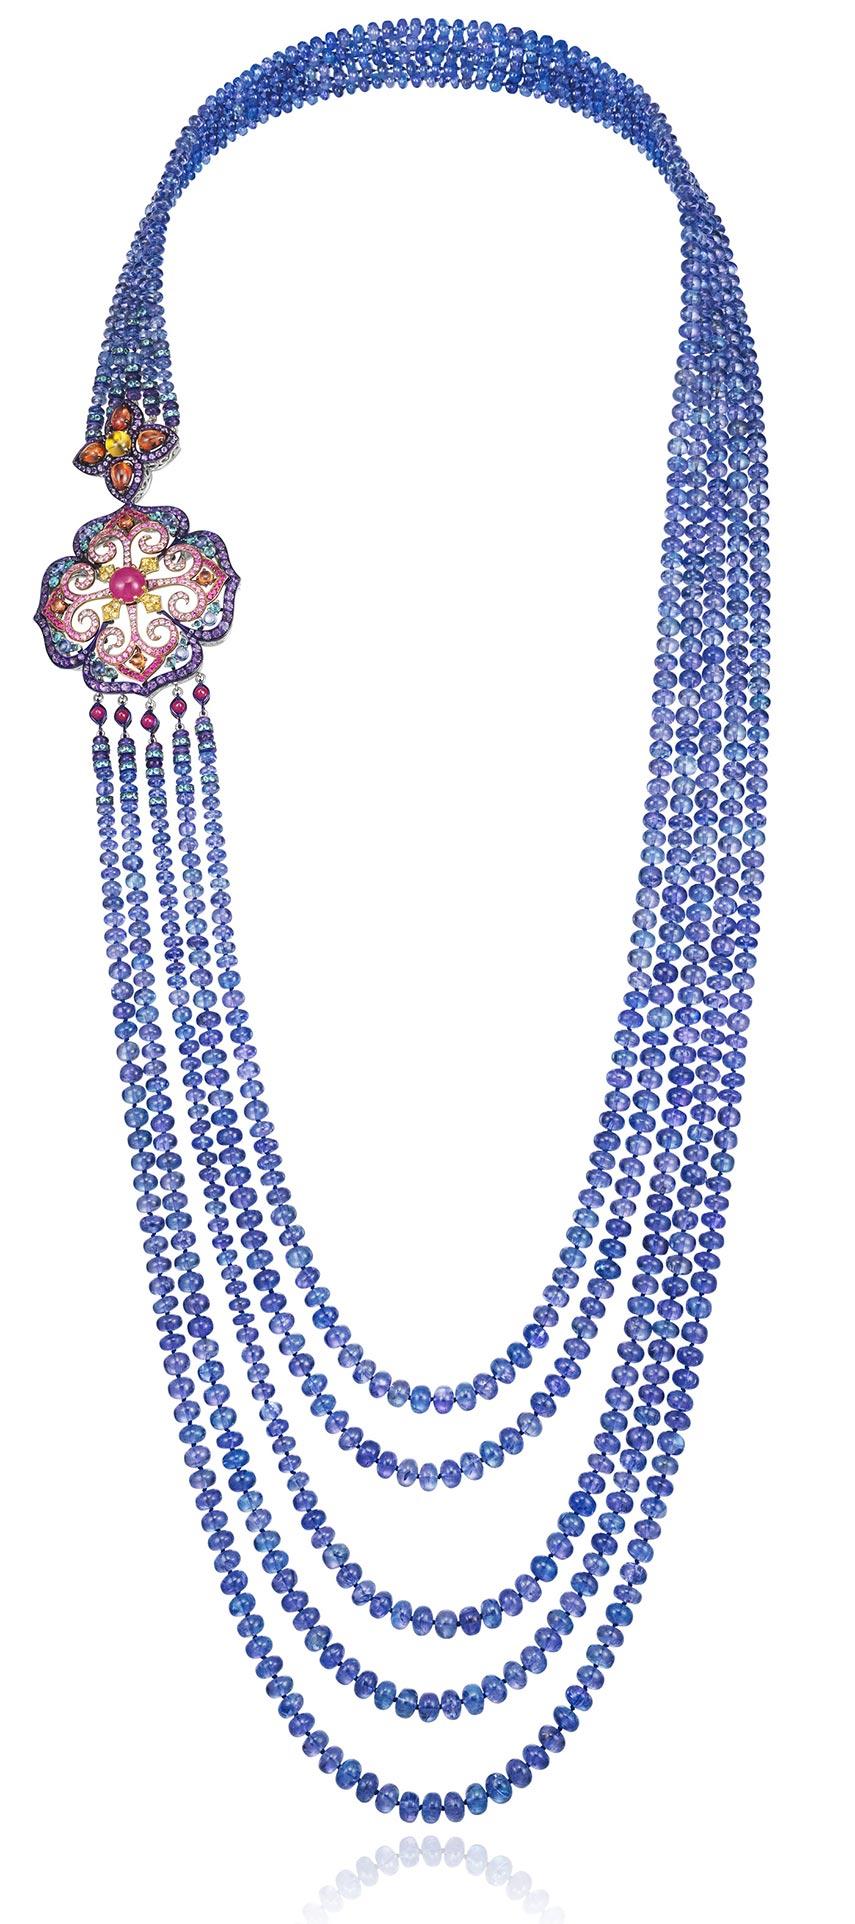 Alta Gioielleria - Chopard Red Carpet necklace gancio di chiusura floreale